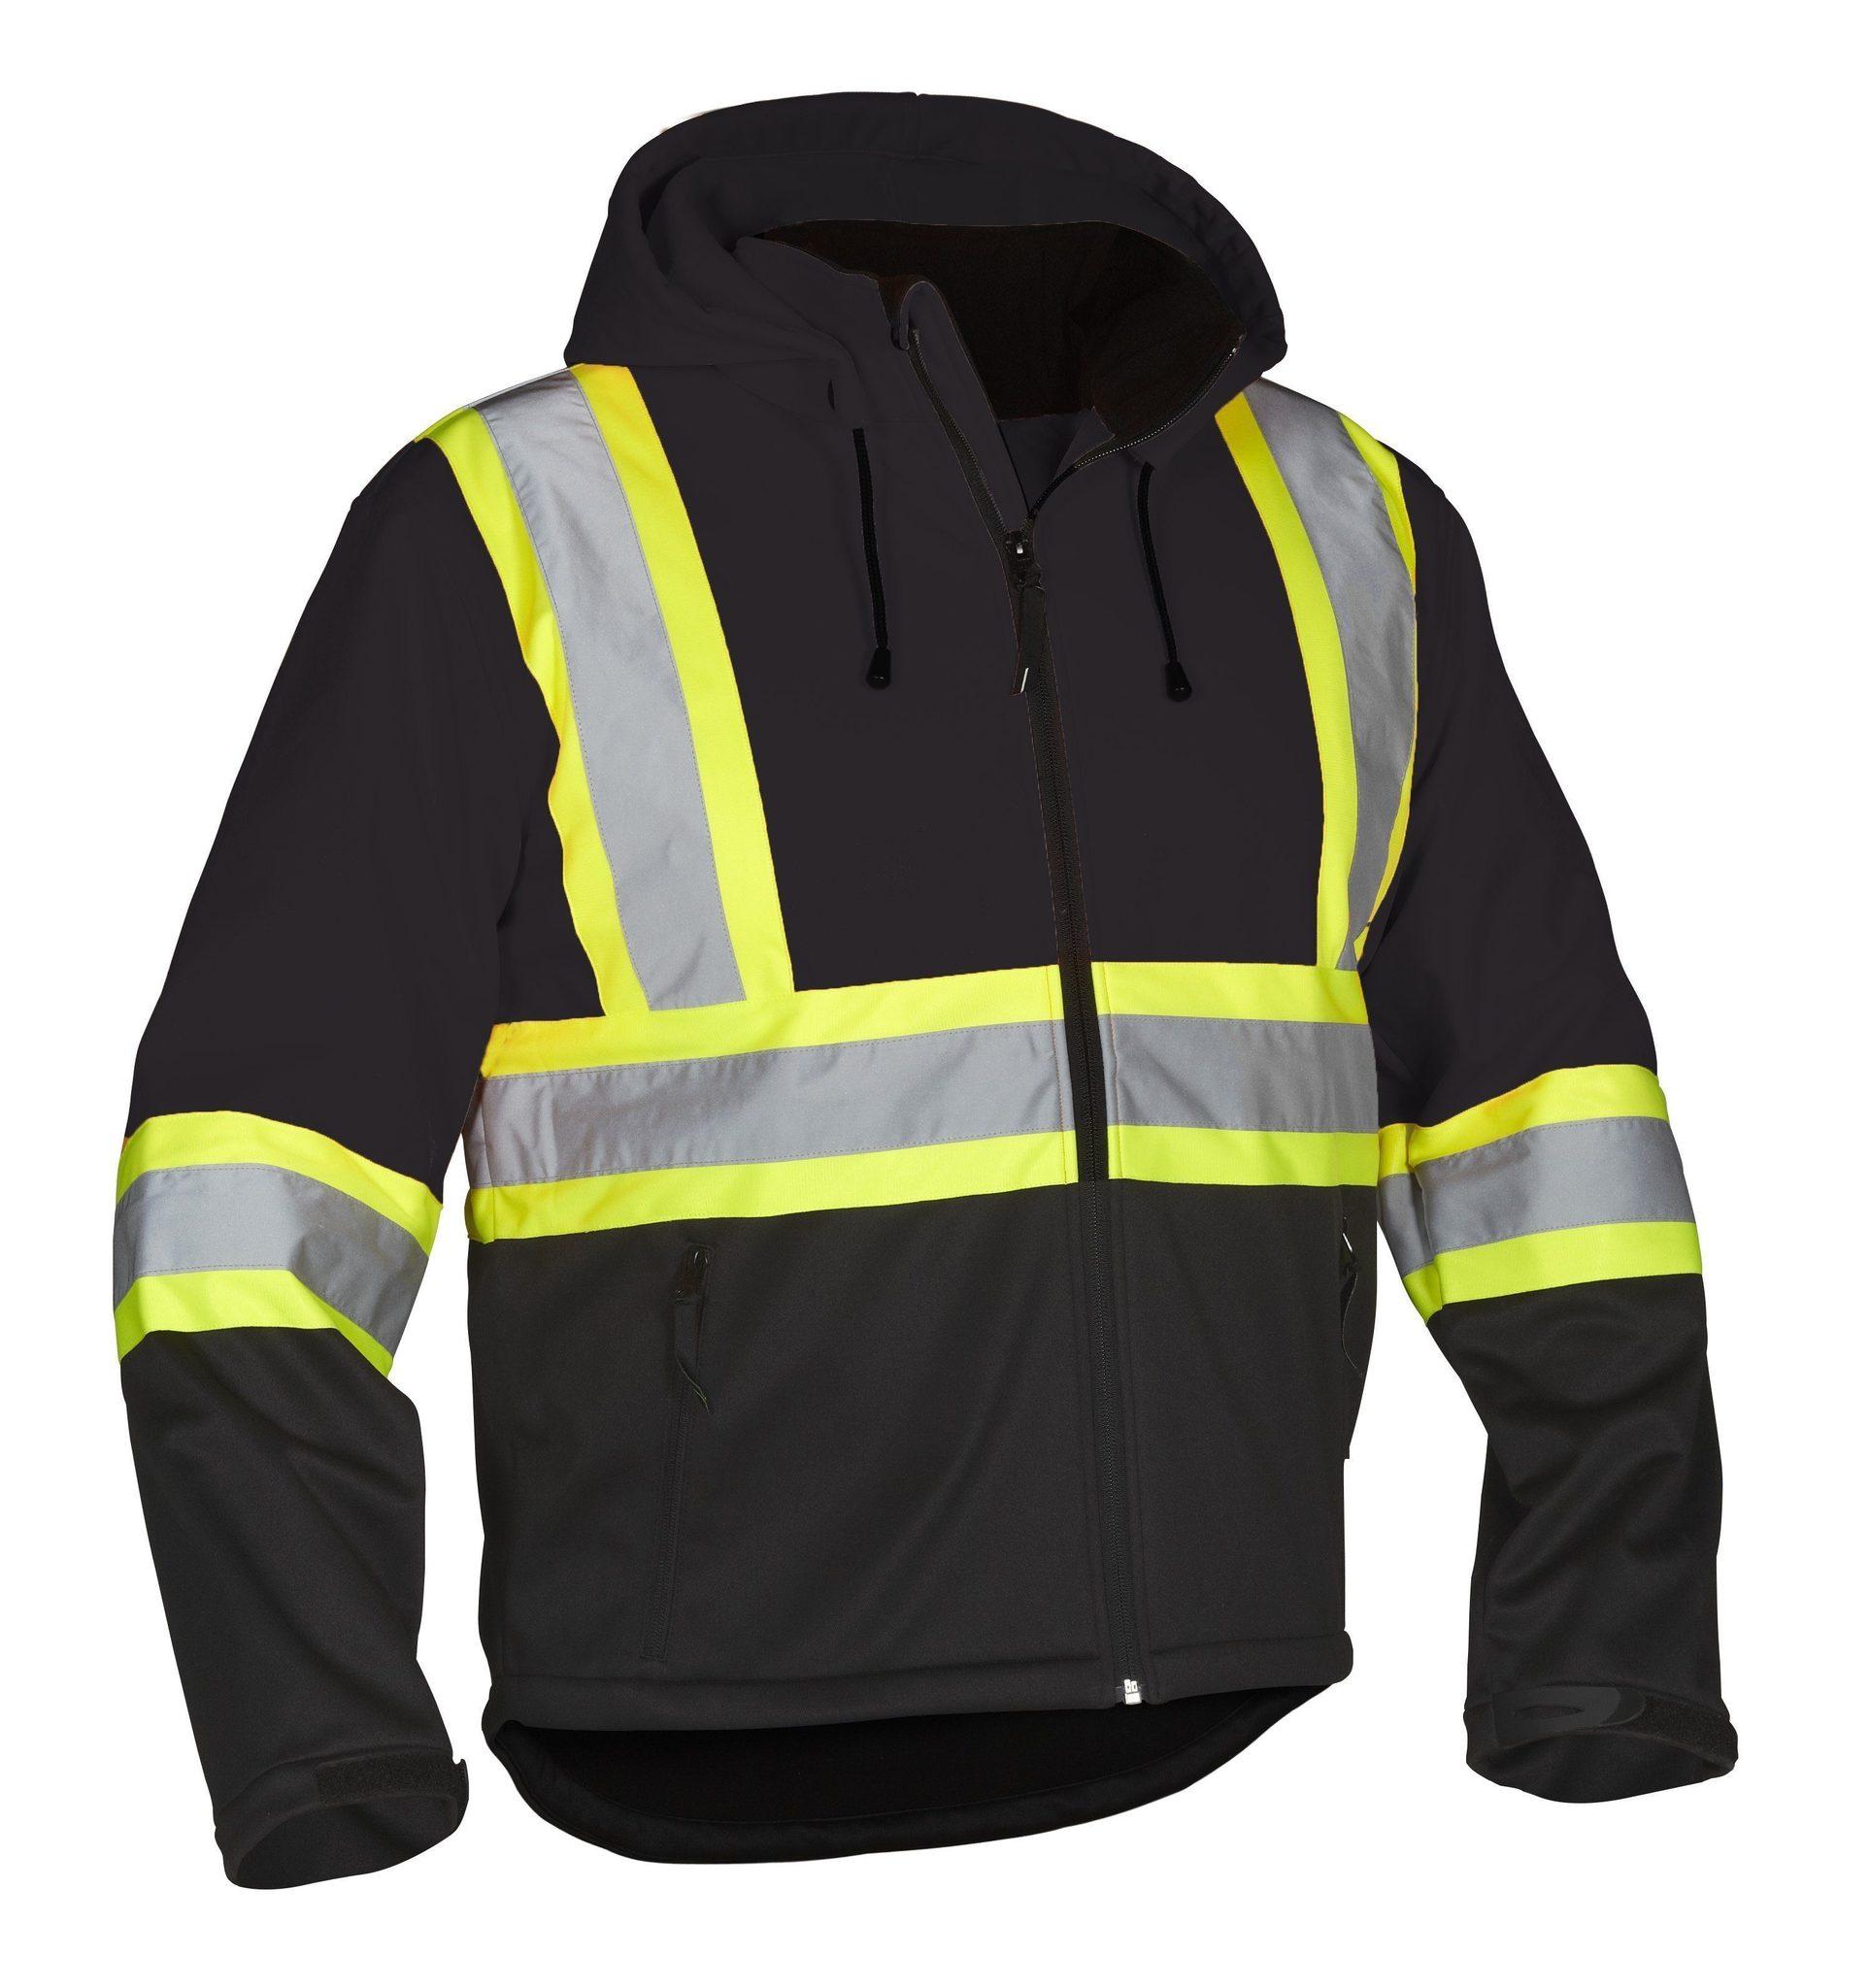 Forcefield Hi-Vis Safety Hoodie 023-EN148BK